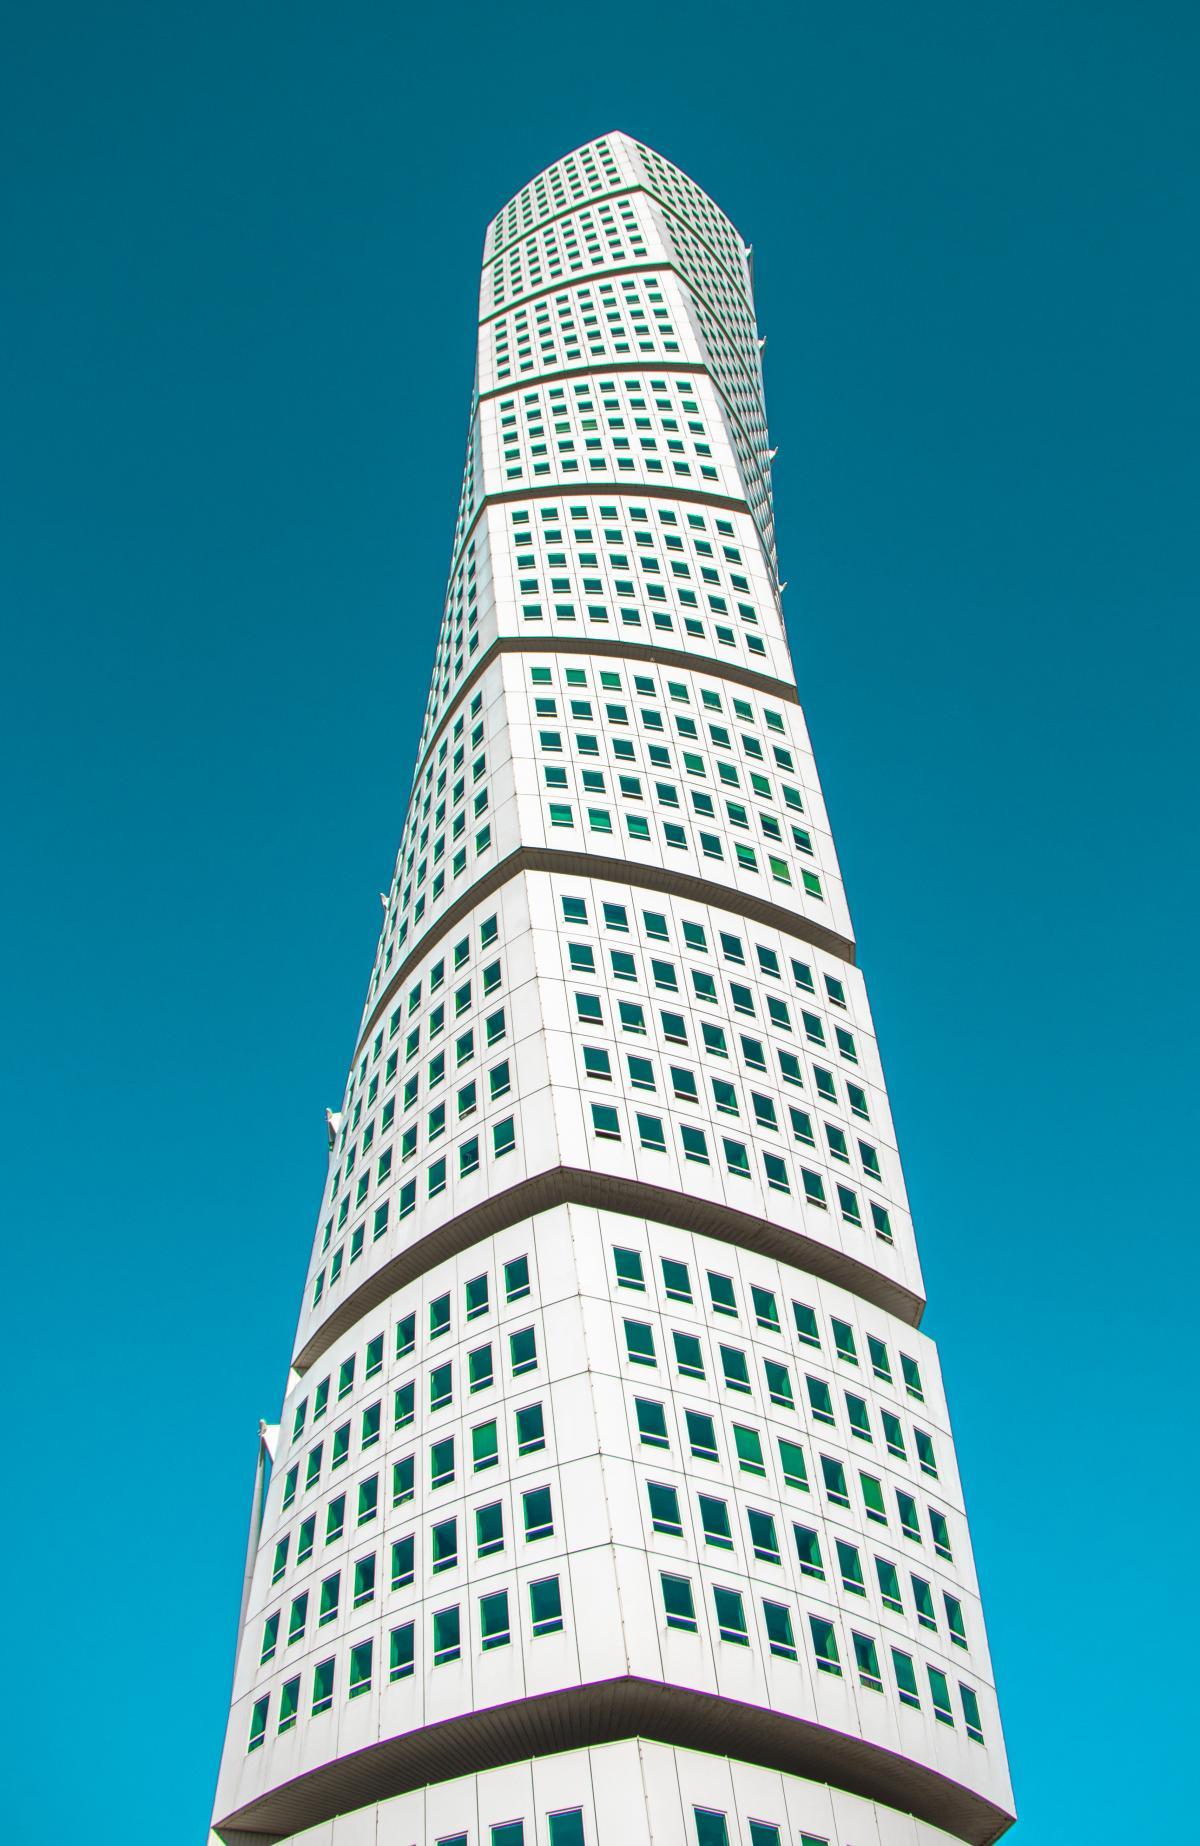 Skyscraper City Architecture #420889